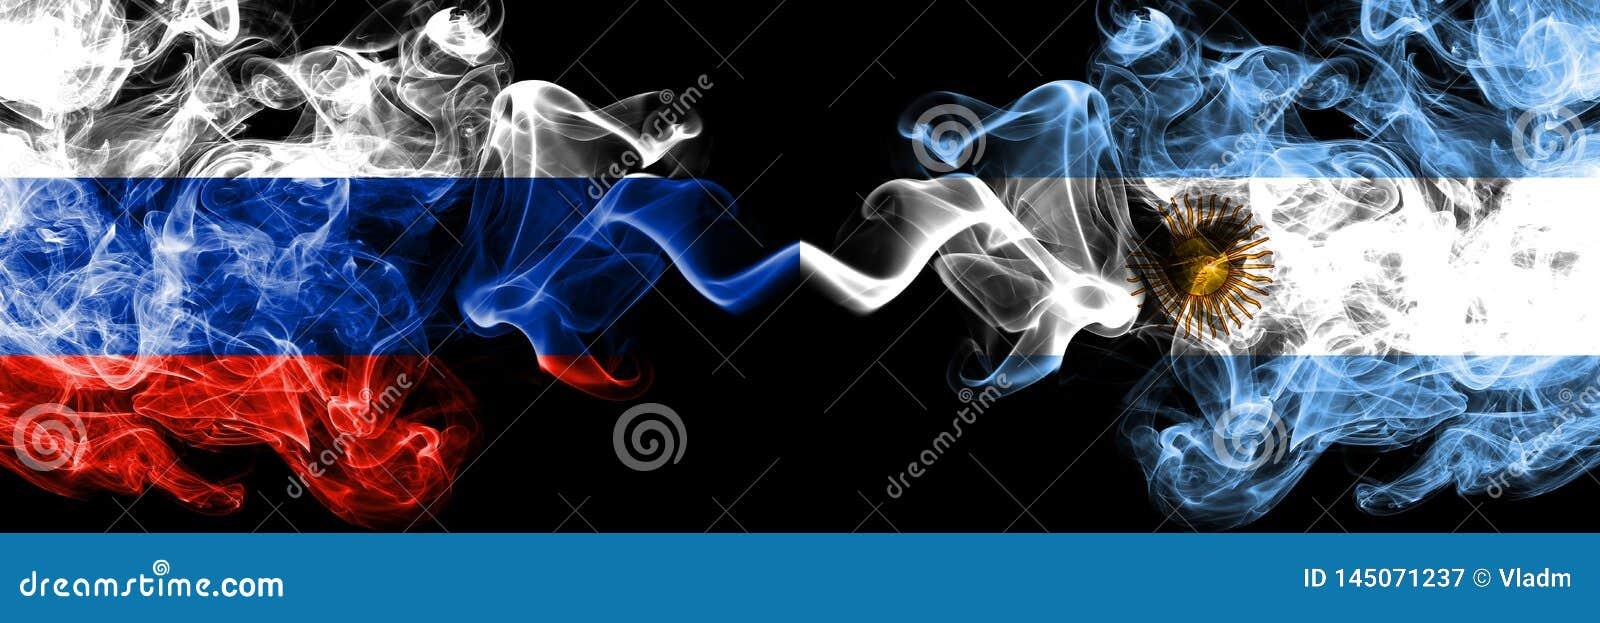 Ryskt vs Argentina, förlade argentinska rökflaggor sidan - vid - sidan Tjocka kulöra silkeslena rökflaggor av Ryssland och Argent